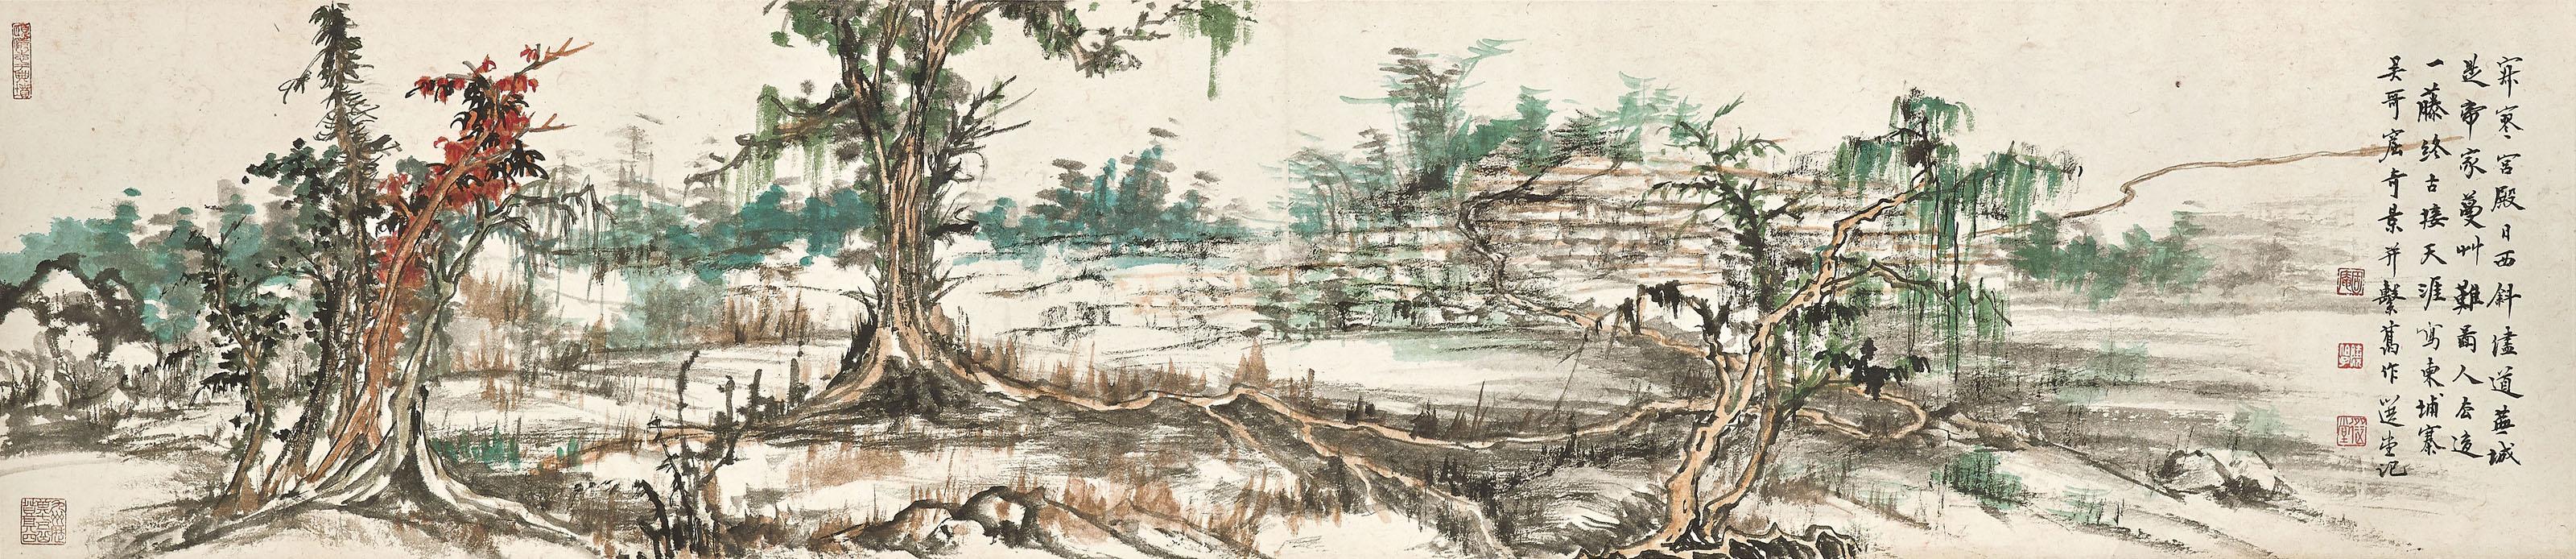 Forest at Angkor Wat